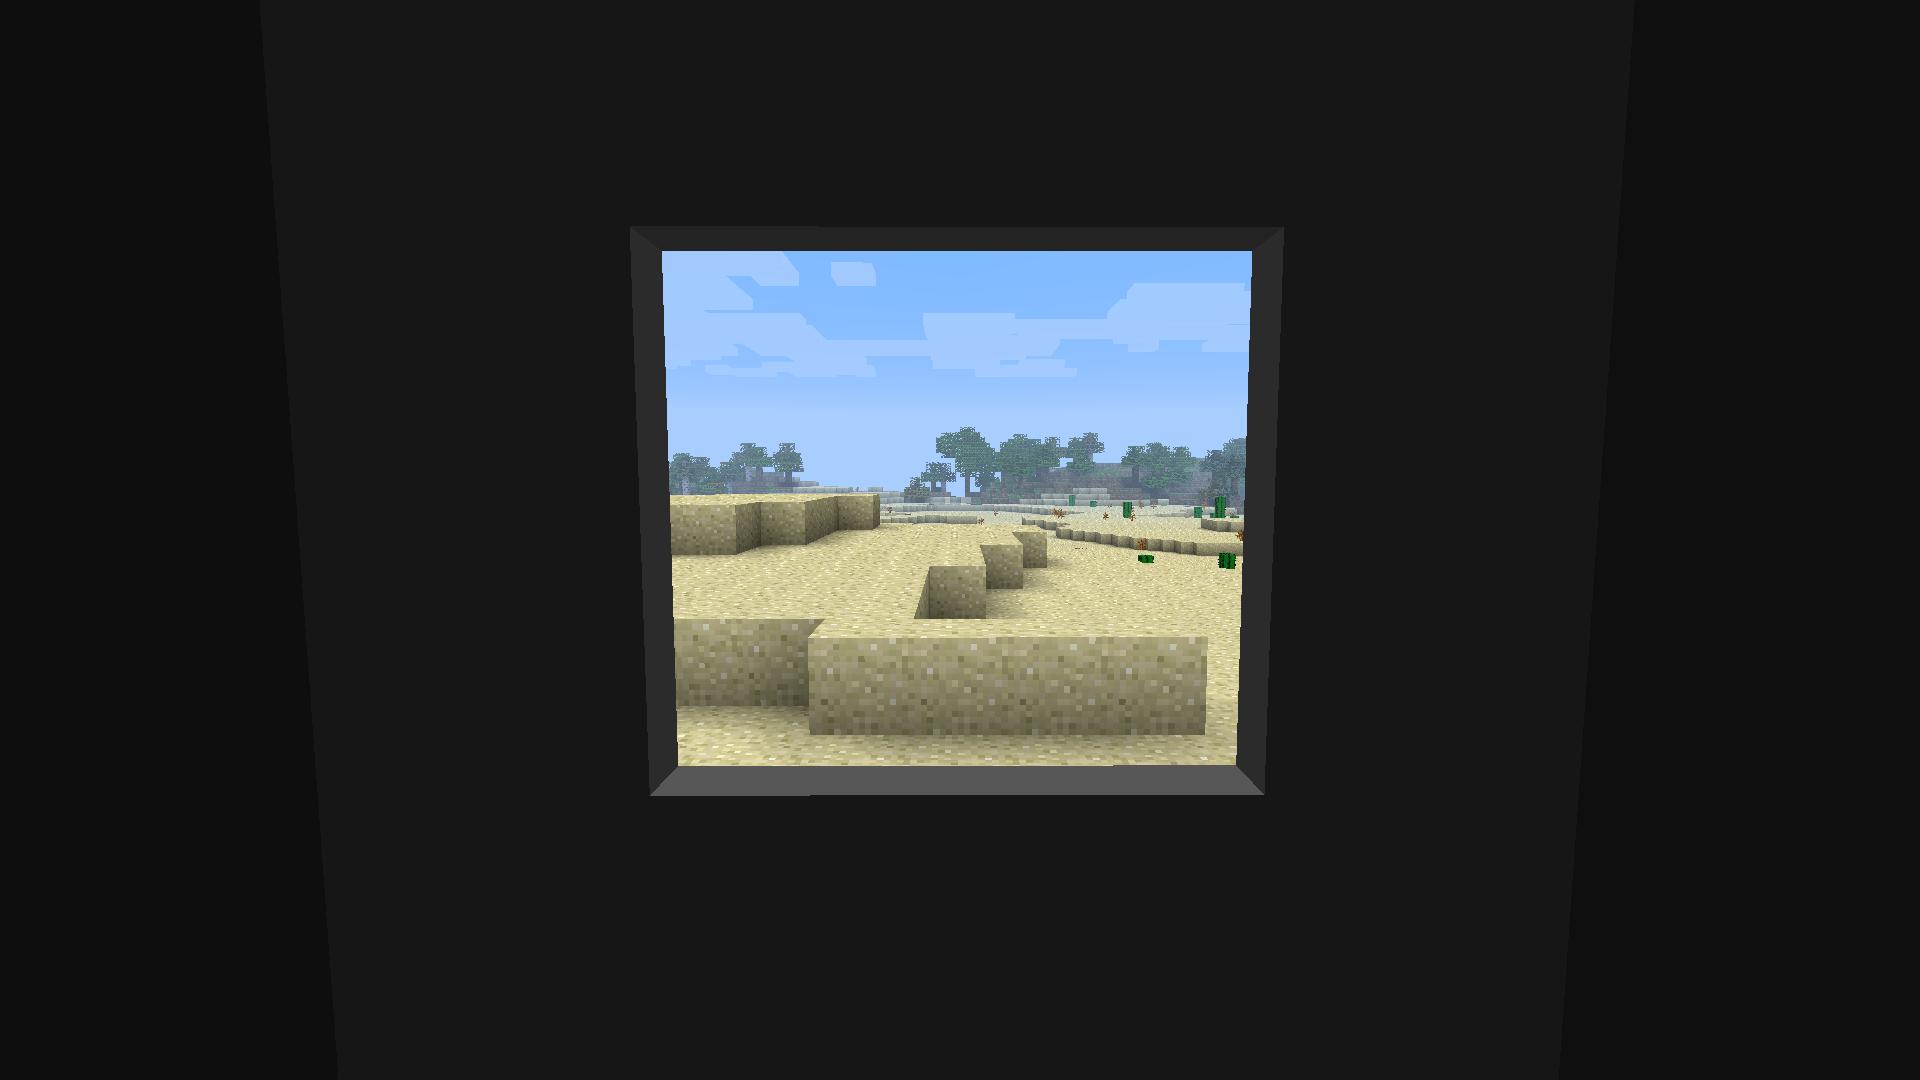 http://minecraft-forum.net/wp-content/uploads/2013/02/e468c__Galacticraft-Mod-2.png